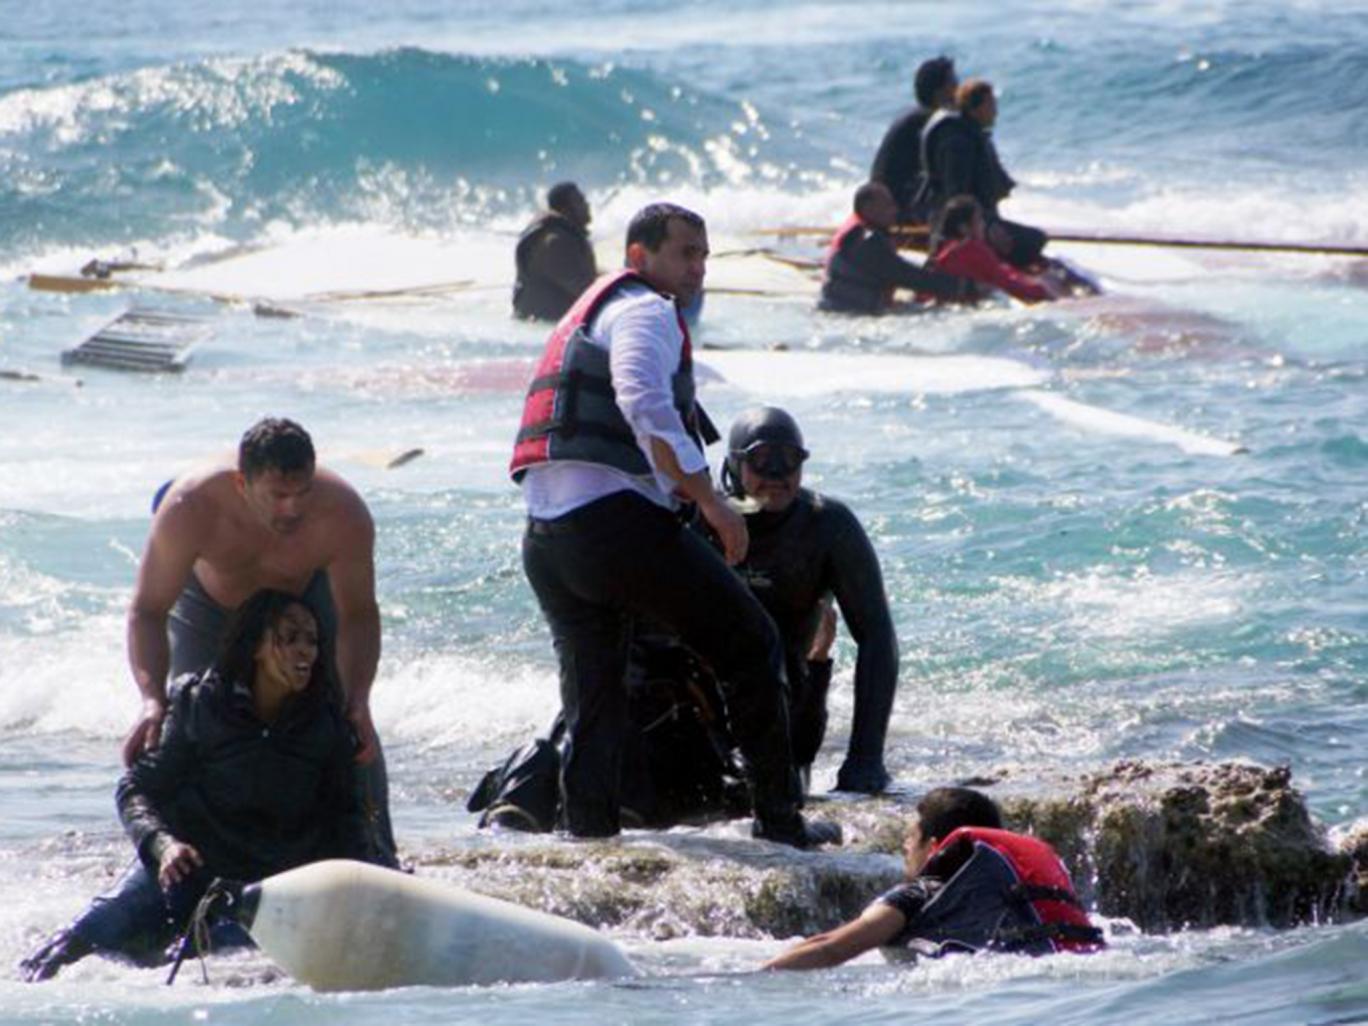 VİDEO | İnsan kaçakçıları: Umut pazarlığında insanlar nasıl kandırılıyor